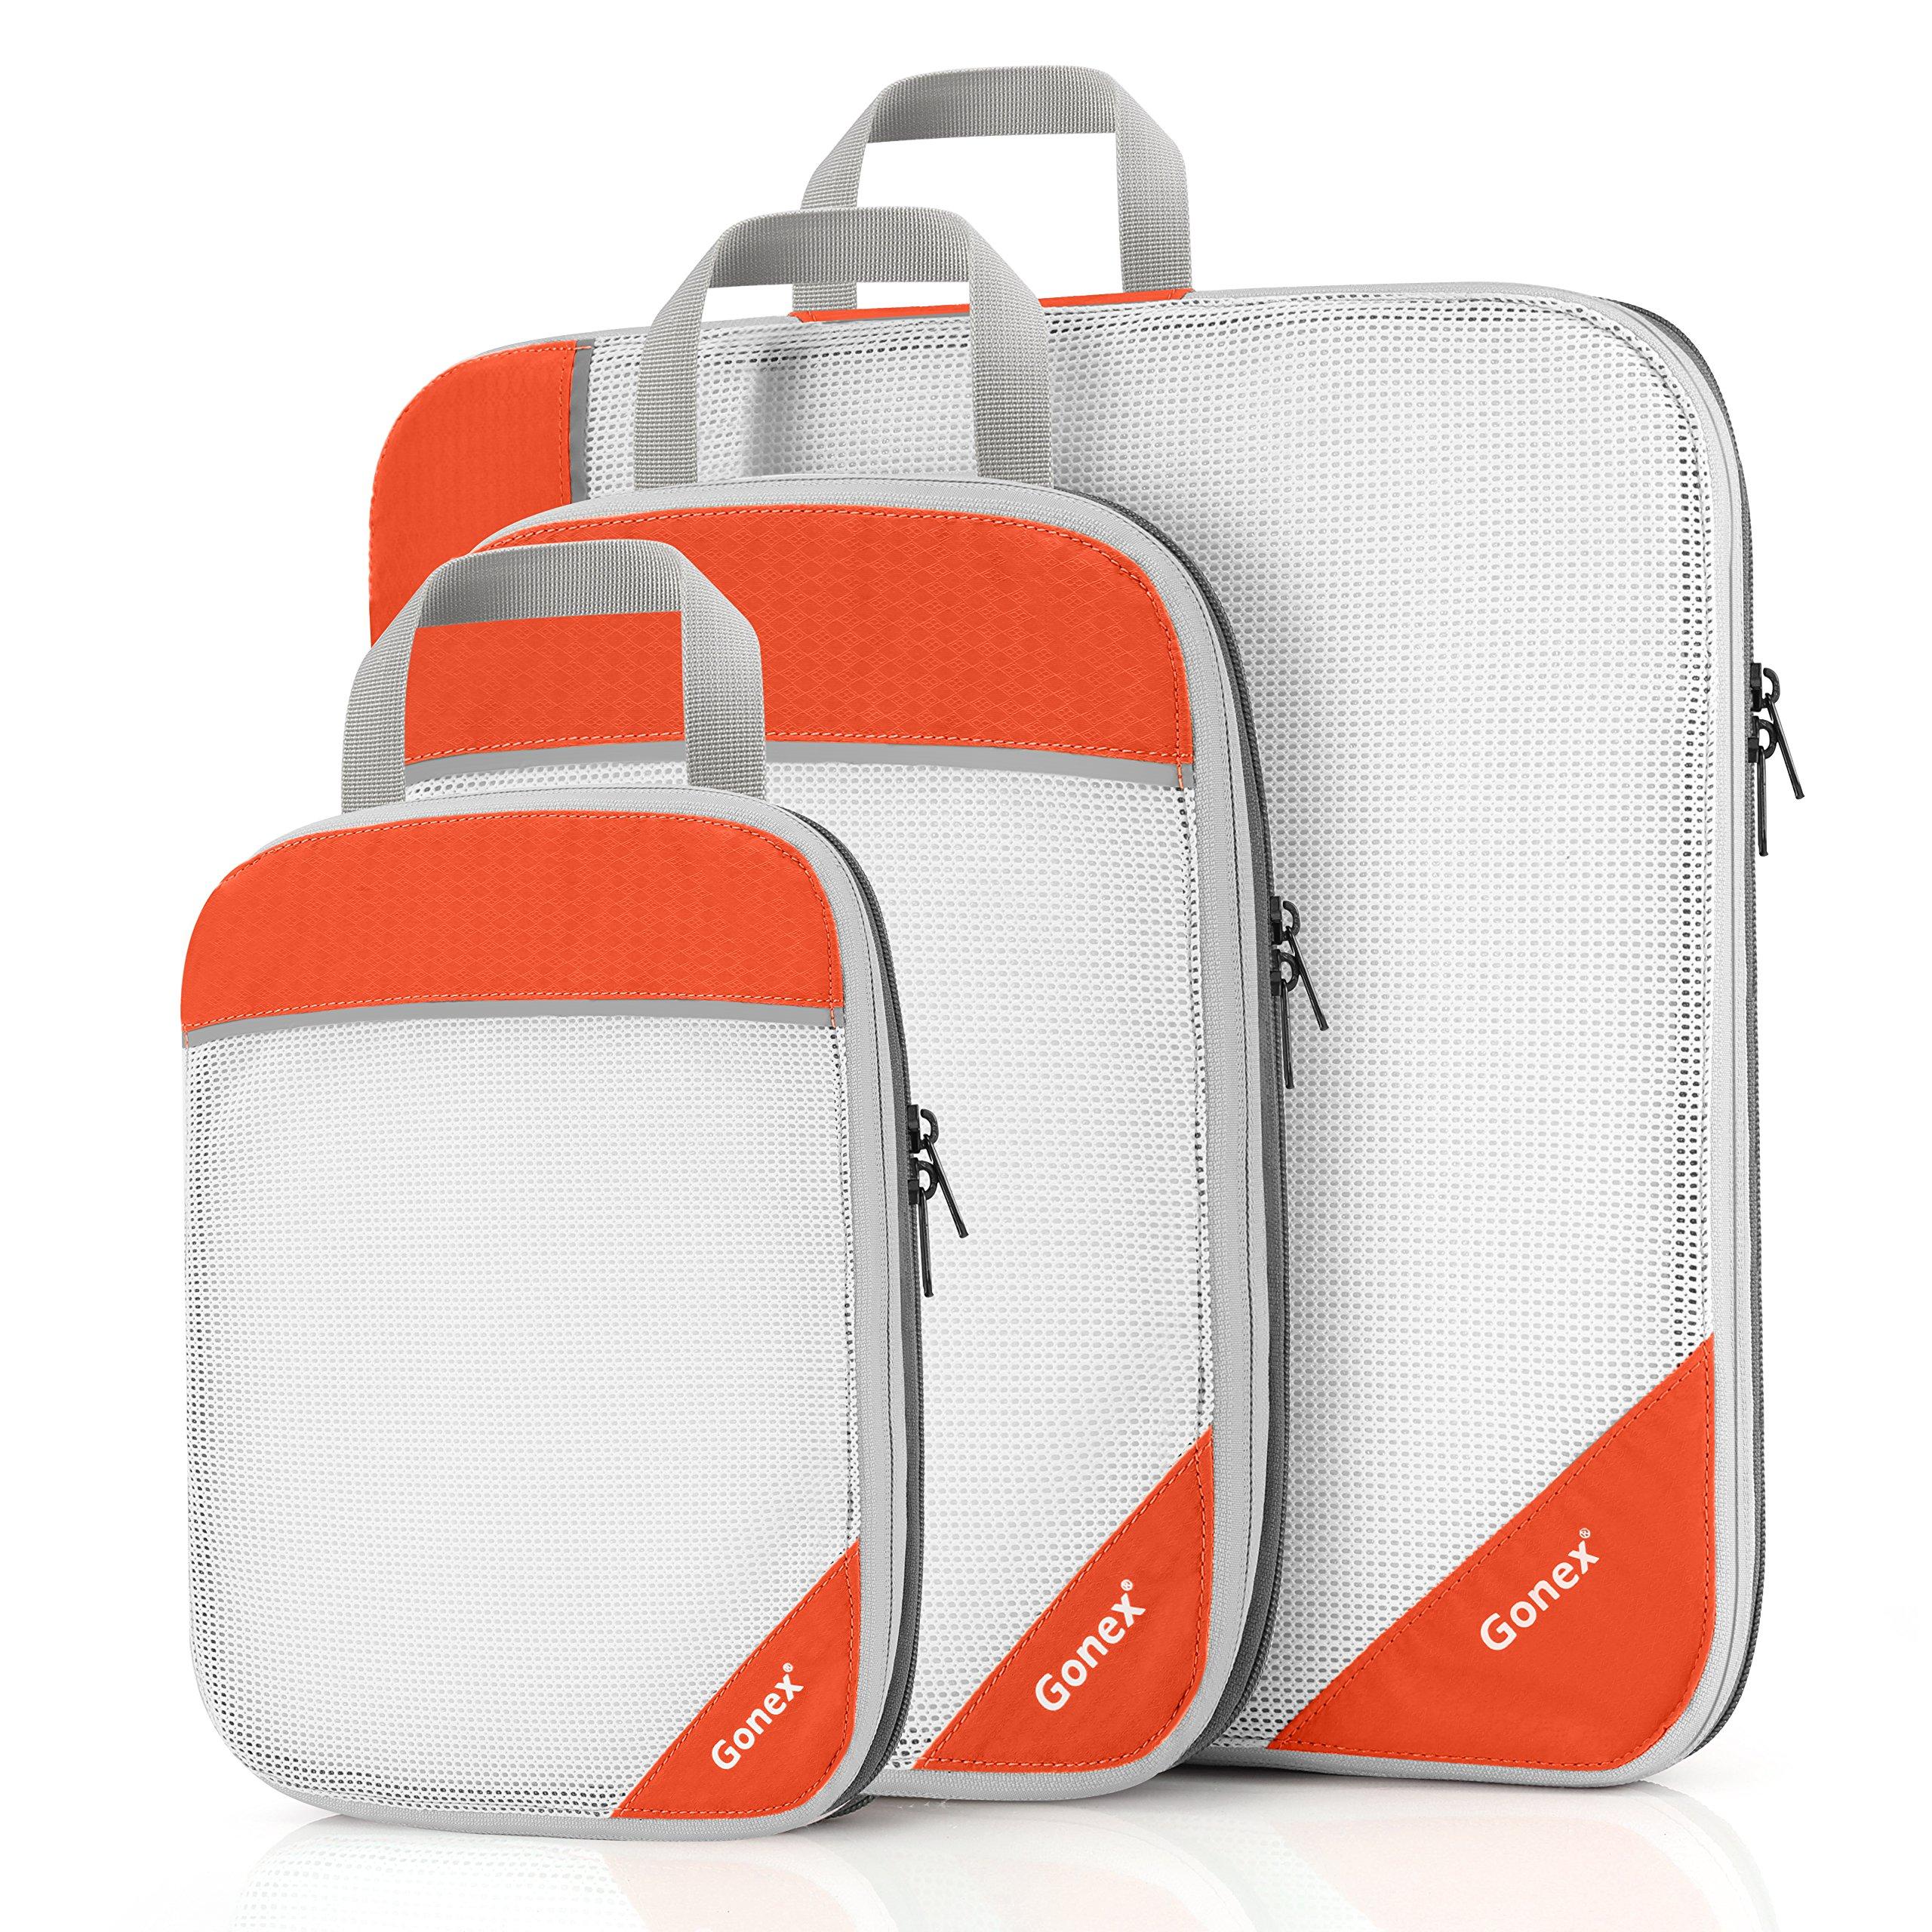 Gonex Sac Rangement Organisateur de Valise Bagage Lot de 3 (L+M+S edeefe9911e